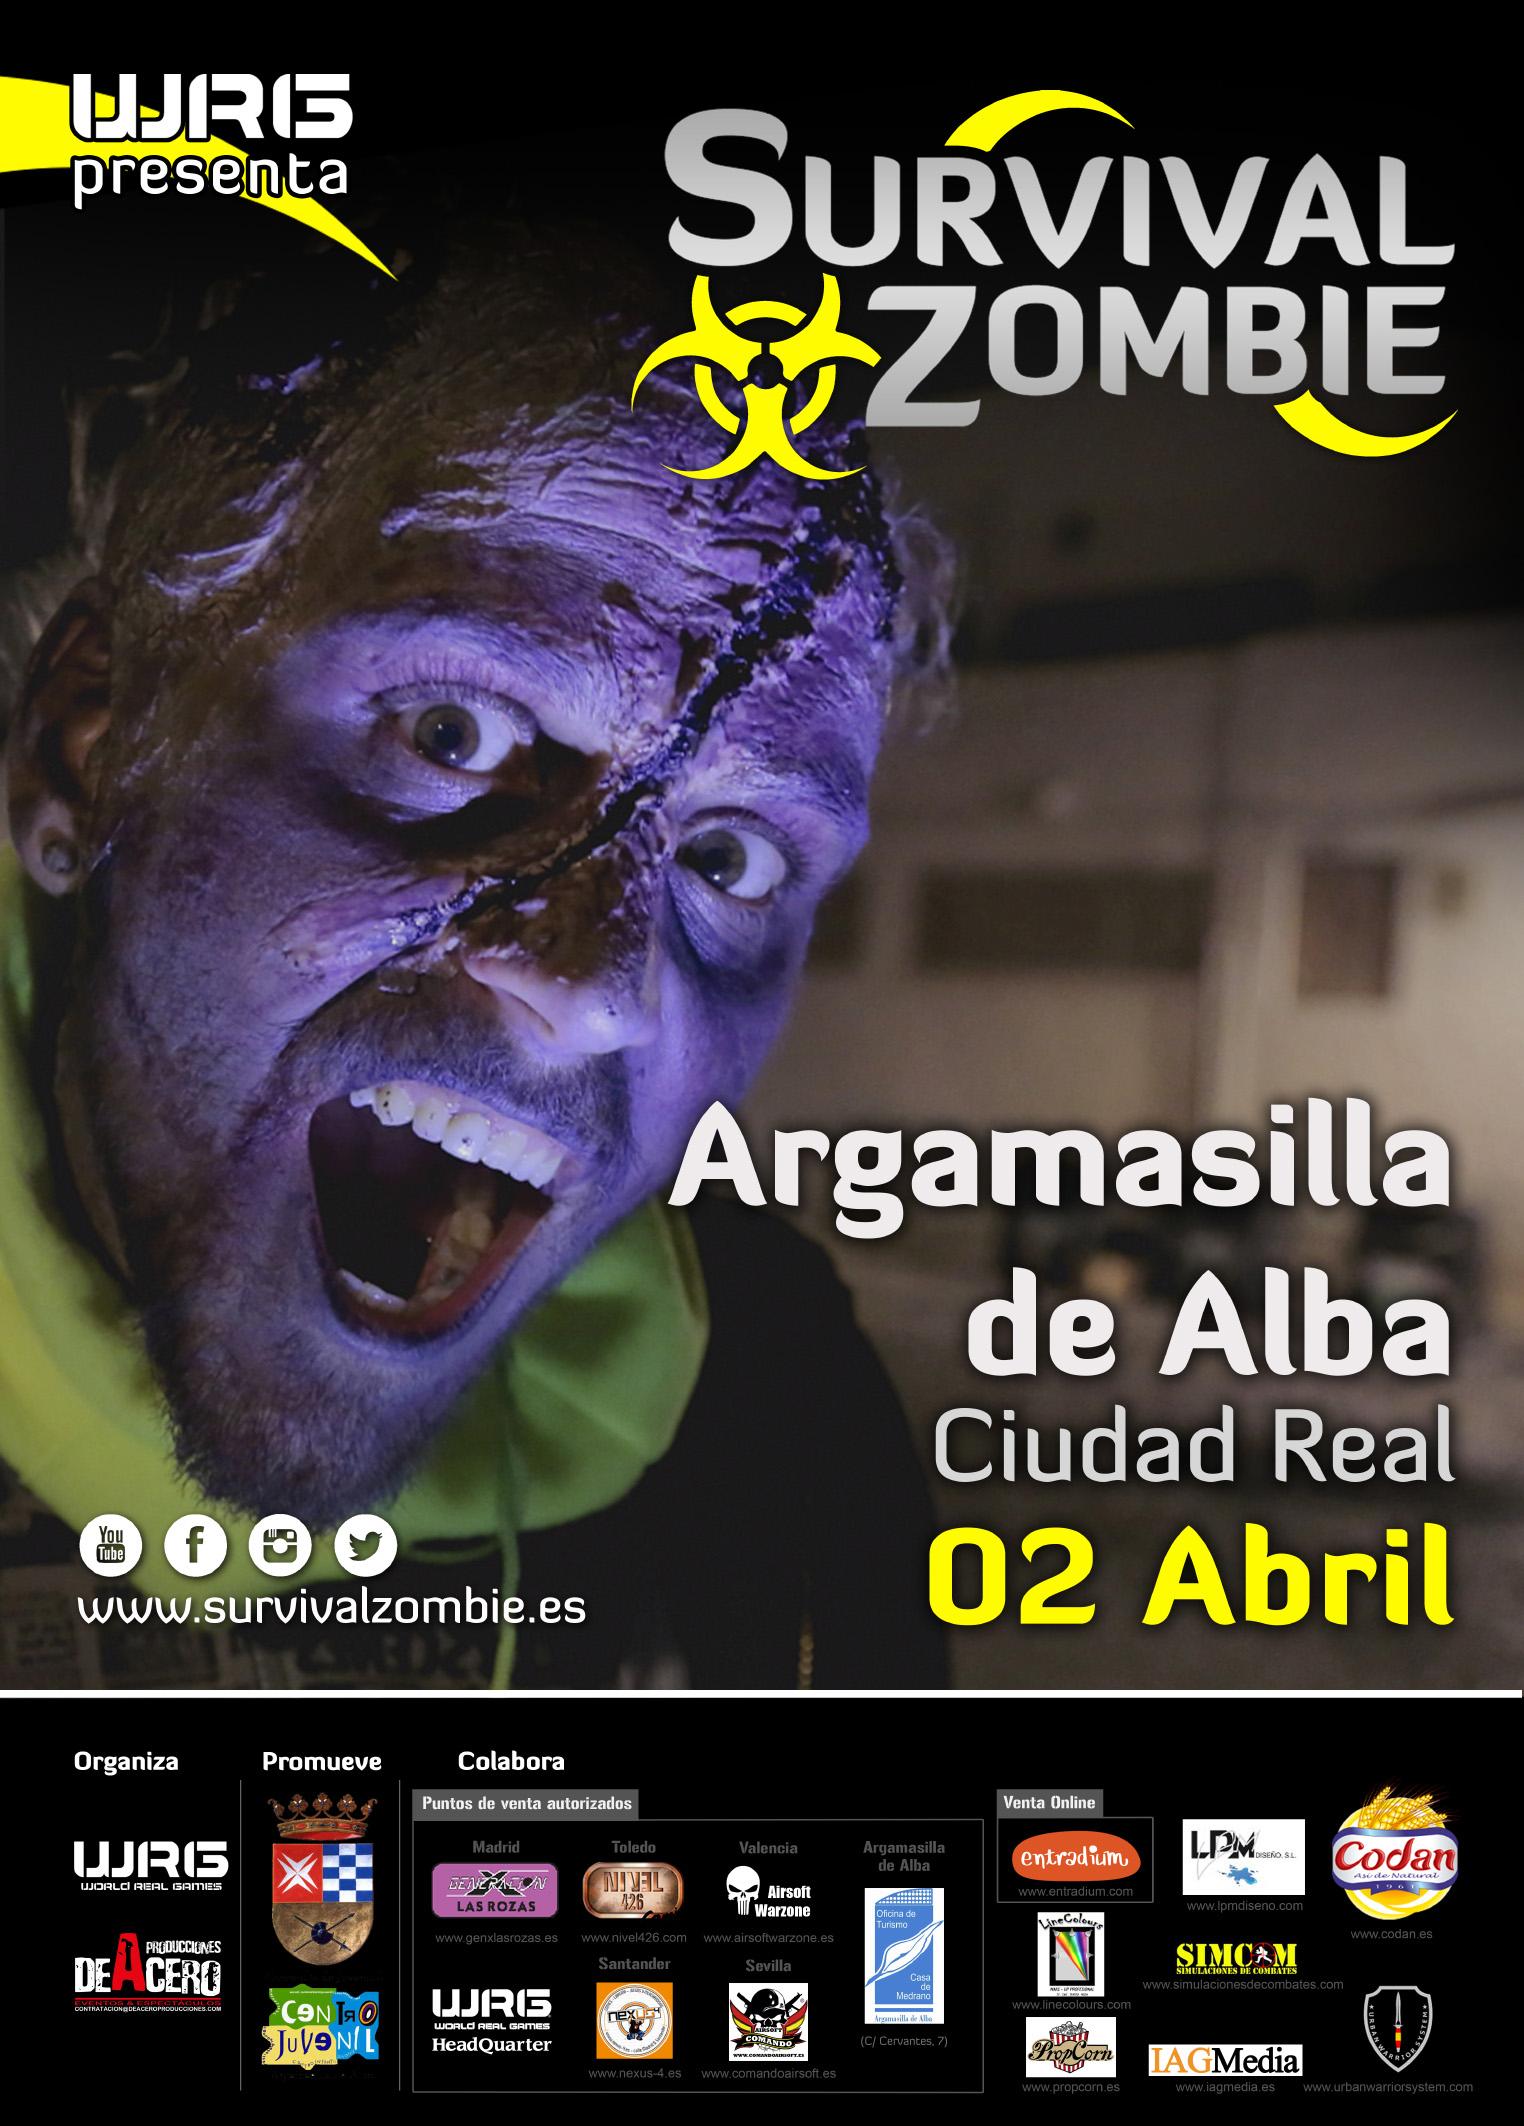 Venta entradas Survival zombie Argamasilla de Alba